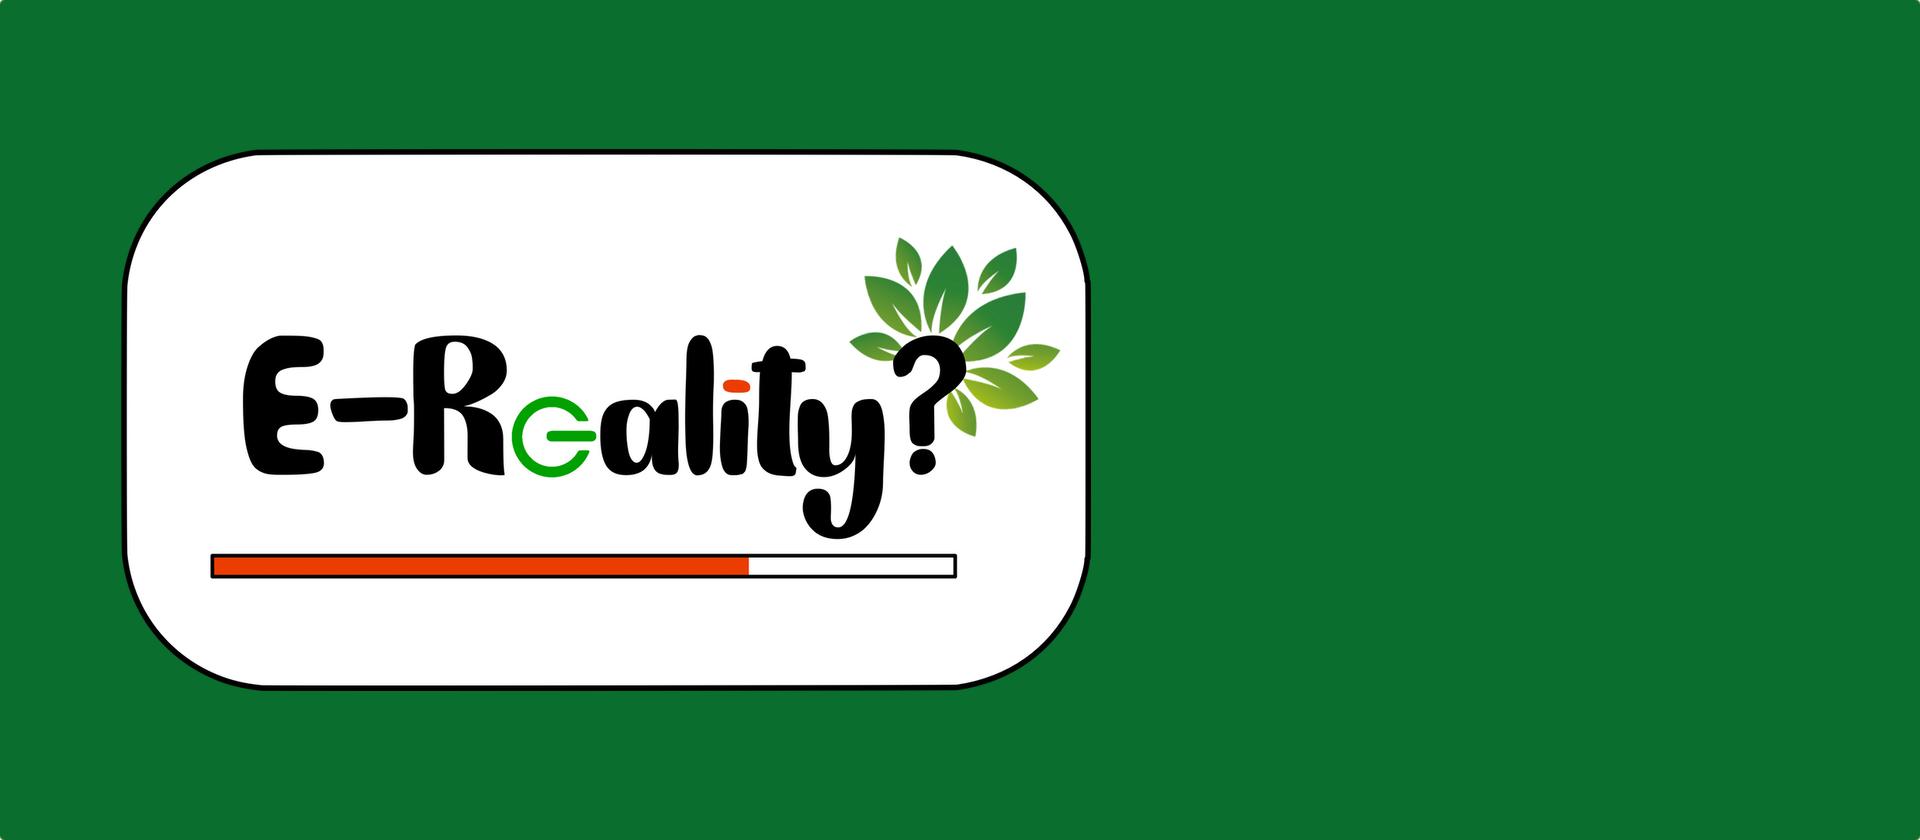 E-Reality?